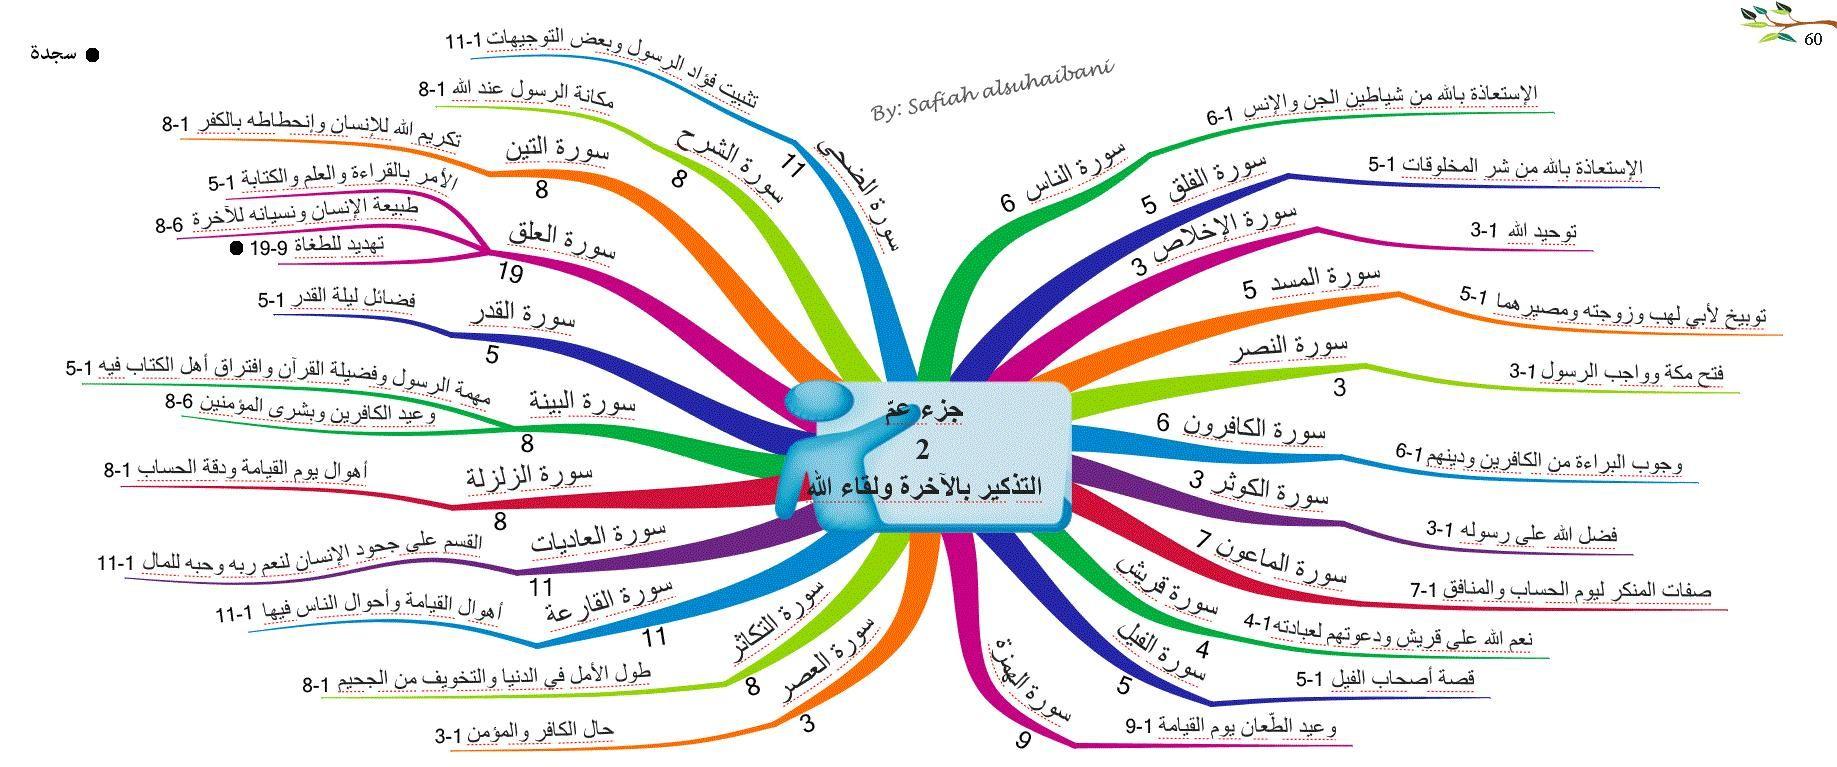 الخرائط الذهنية لسور القرآن الكريم جزء عم 2 Islamic Kids Activities Quran Arabic Kids